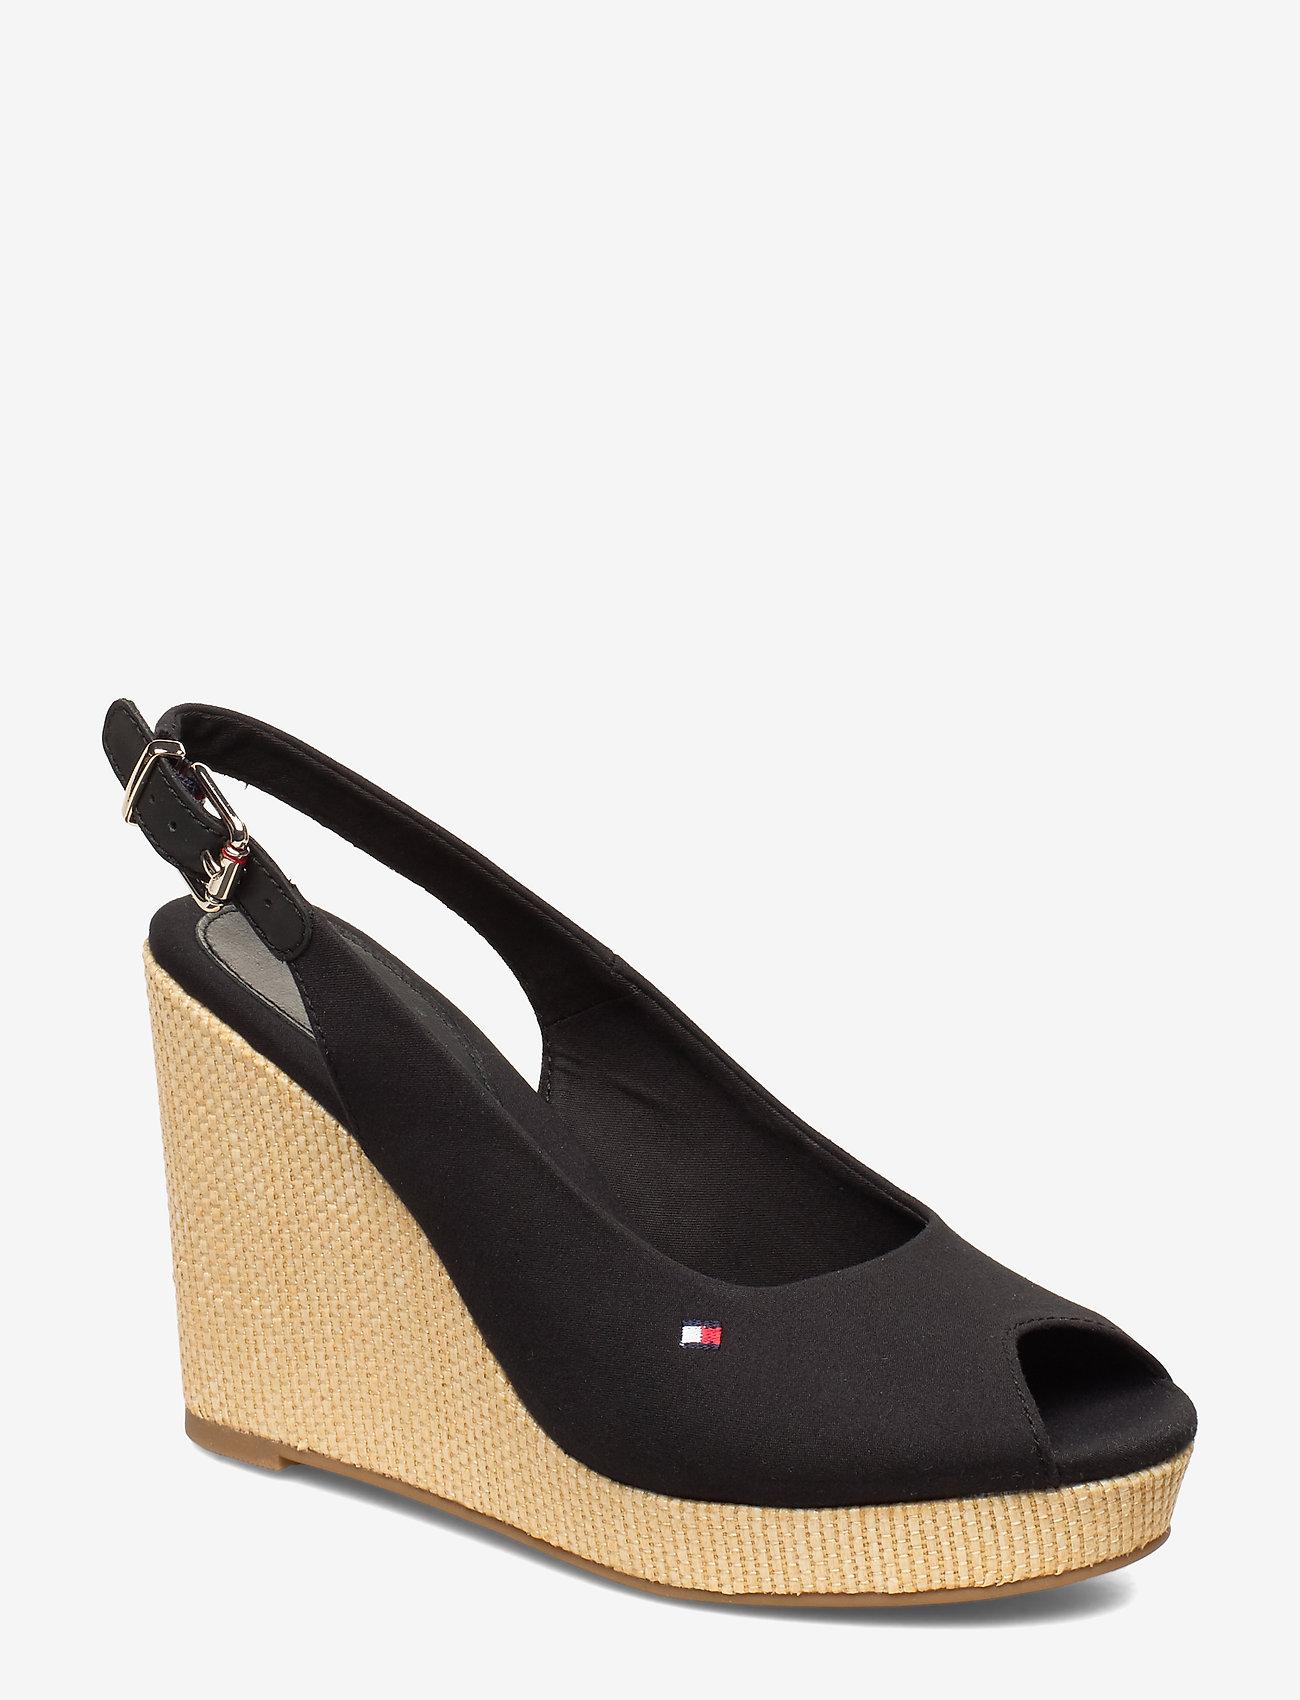 Tommy Hilfiger - ICONIC ELENA SLING BACK WEDGE - heeled espadrilles - black - 0